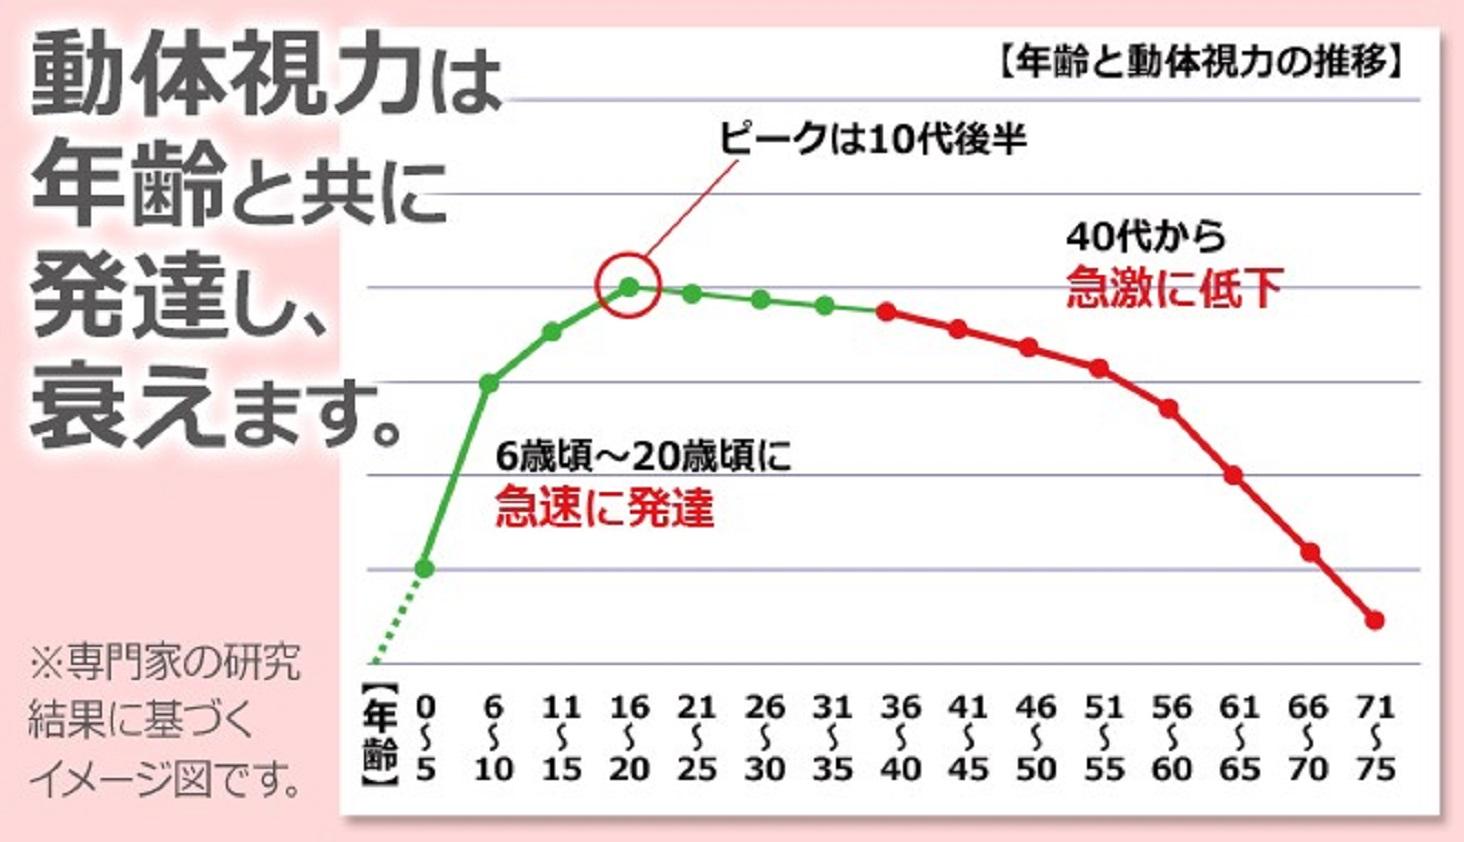 動体視力のグラフ